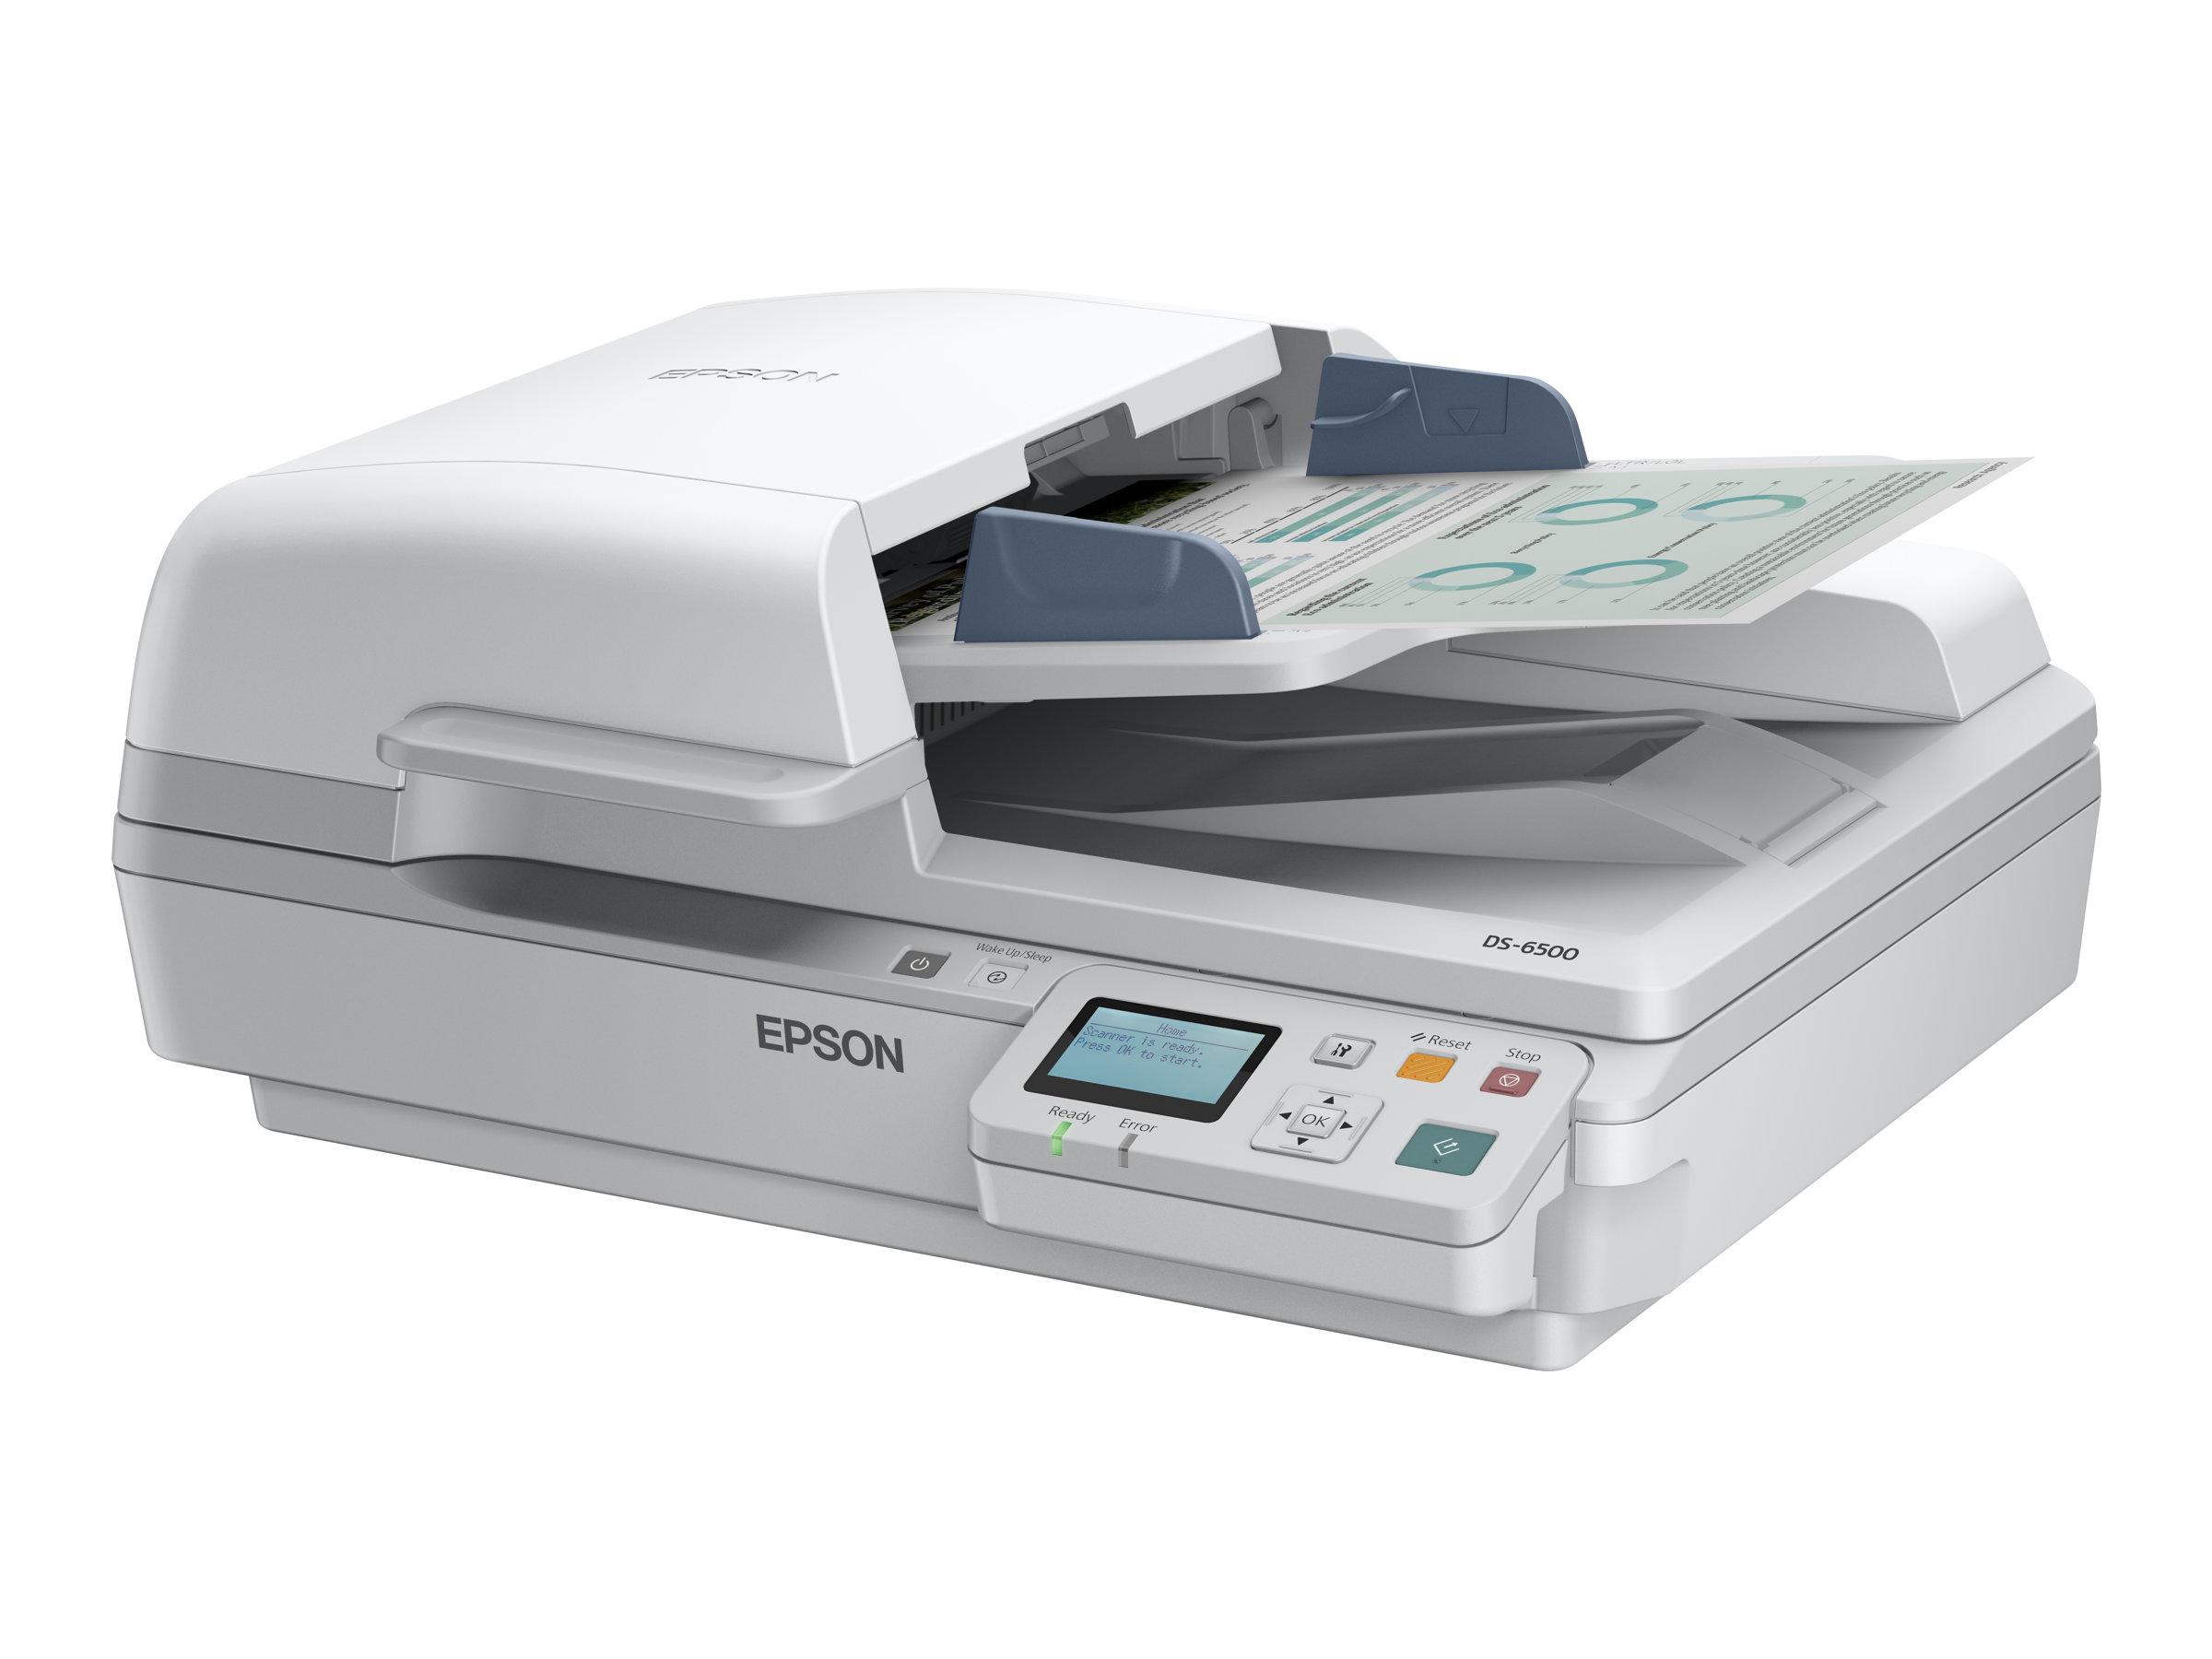 Epson WorkForce DS-7500N - Dokumentenscanner - Duplex - A4 - 1200 dpi x 1200 dpi - bis zu 40 Seiten/Min. (einfarbig)